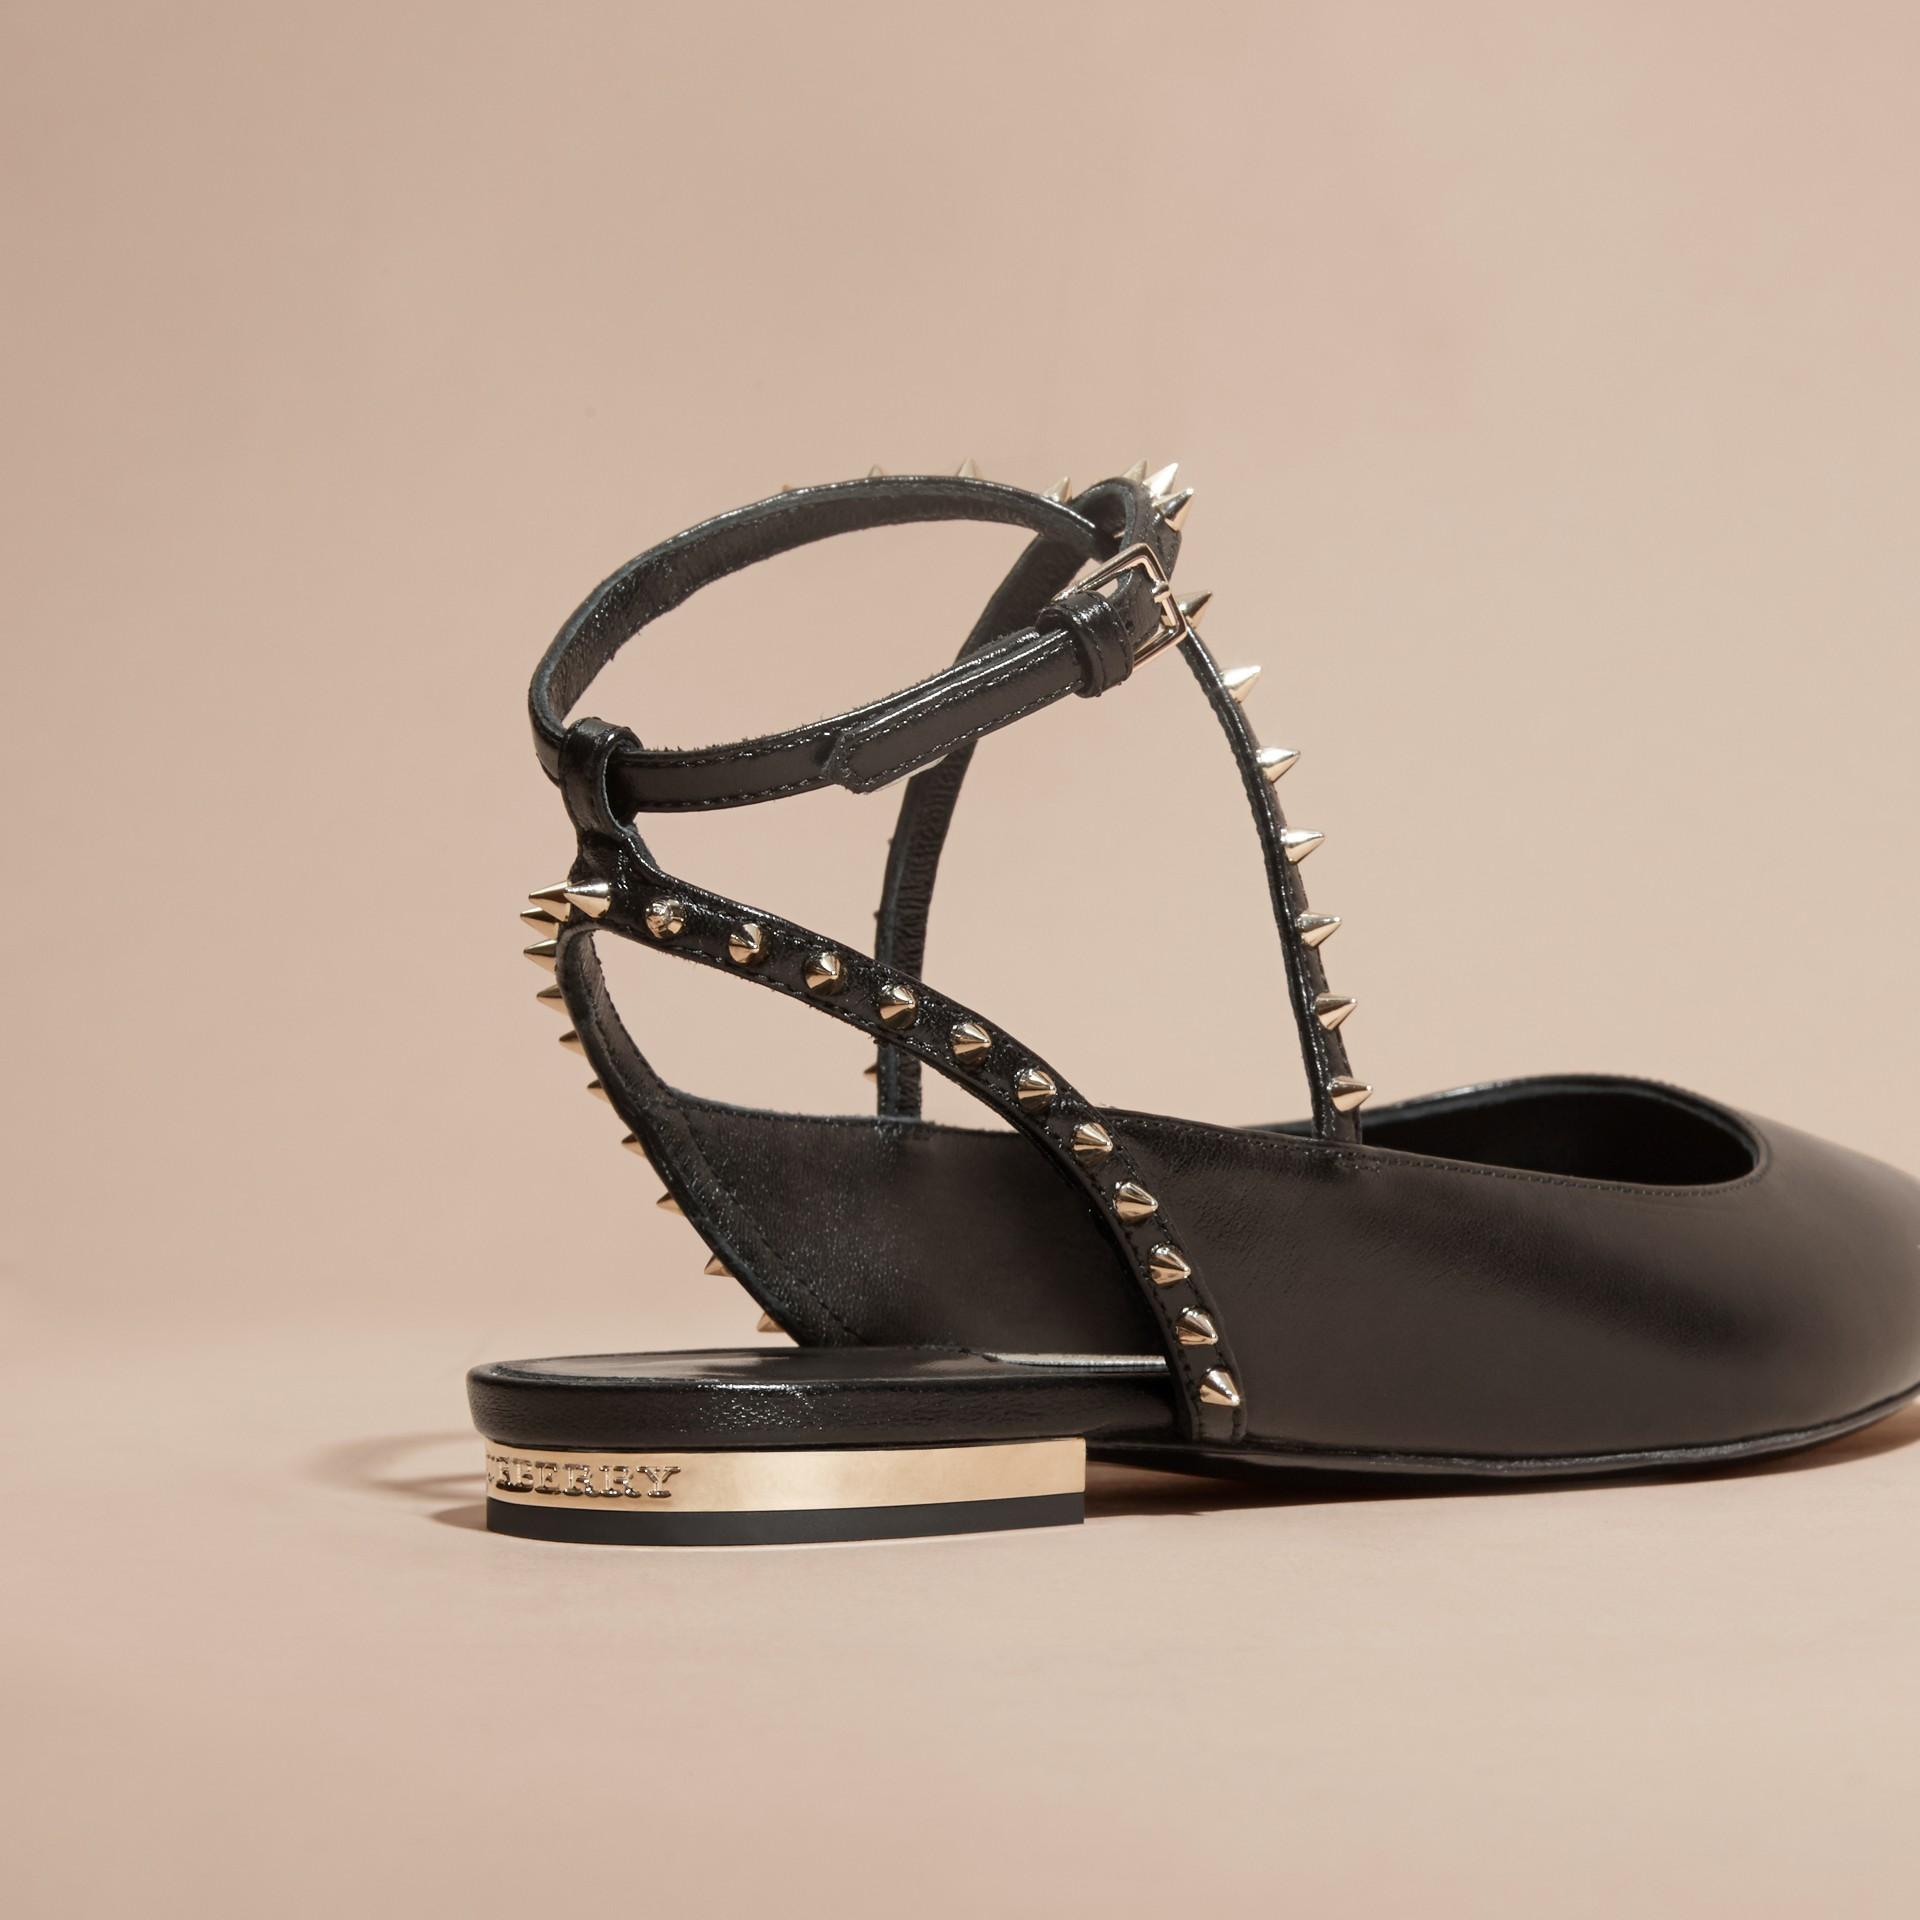 Nero Sandali tipo Chanel in pelle borchiata - immagine della galleria 4